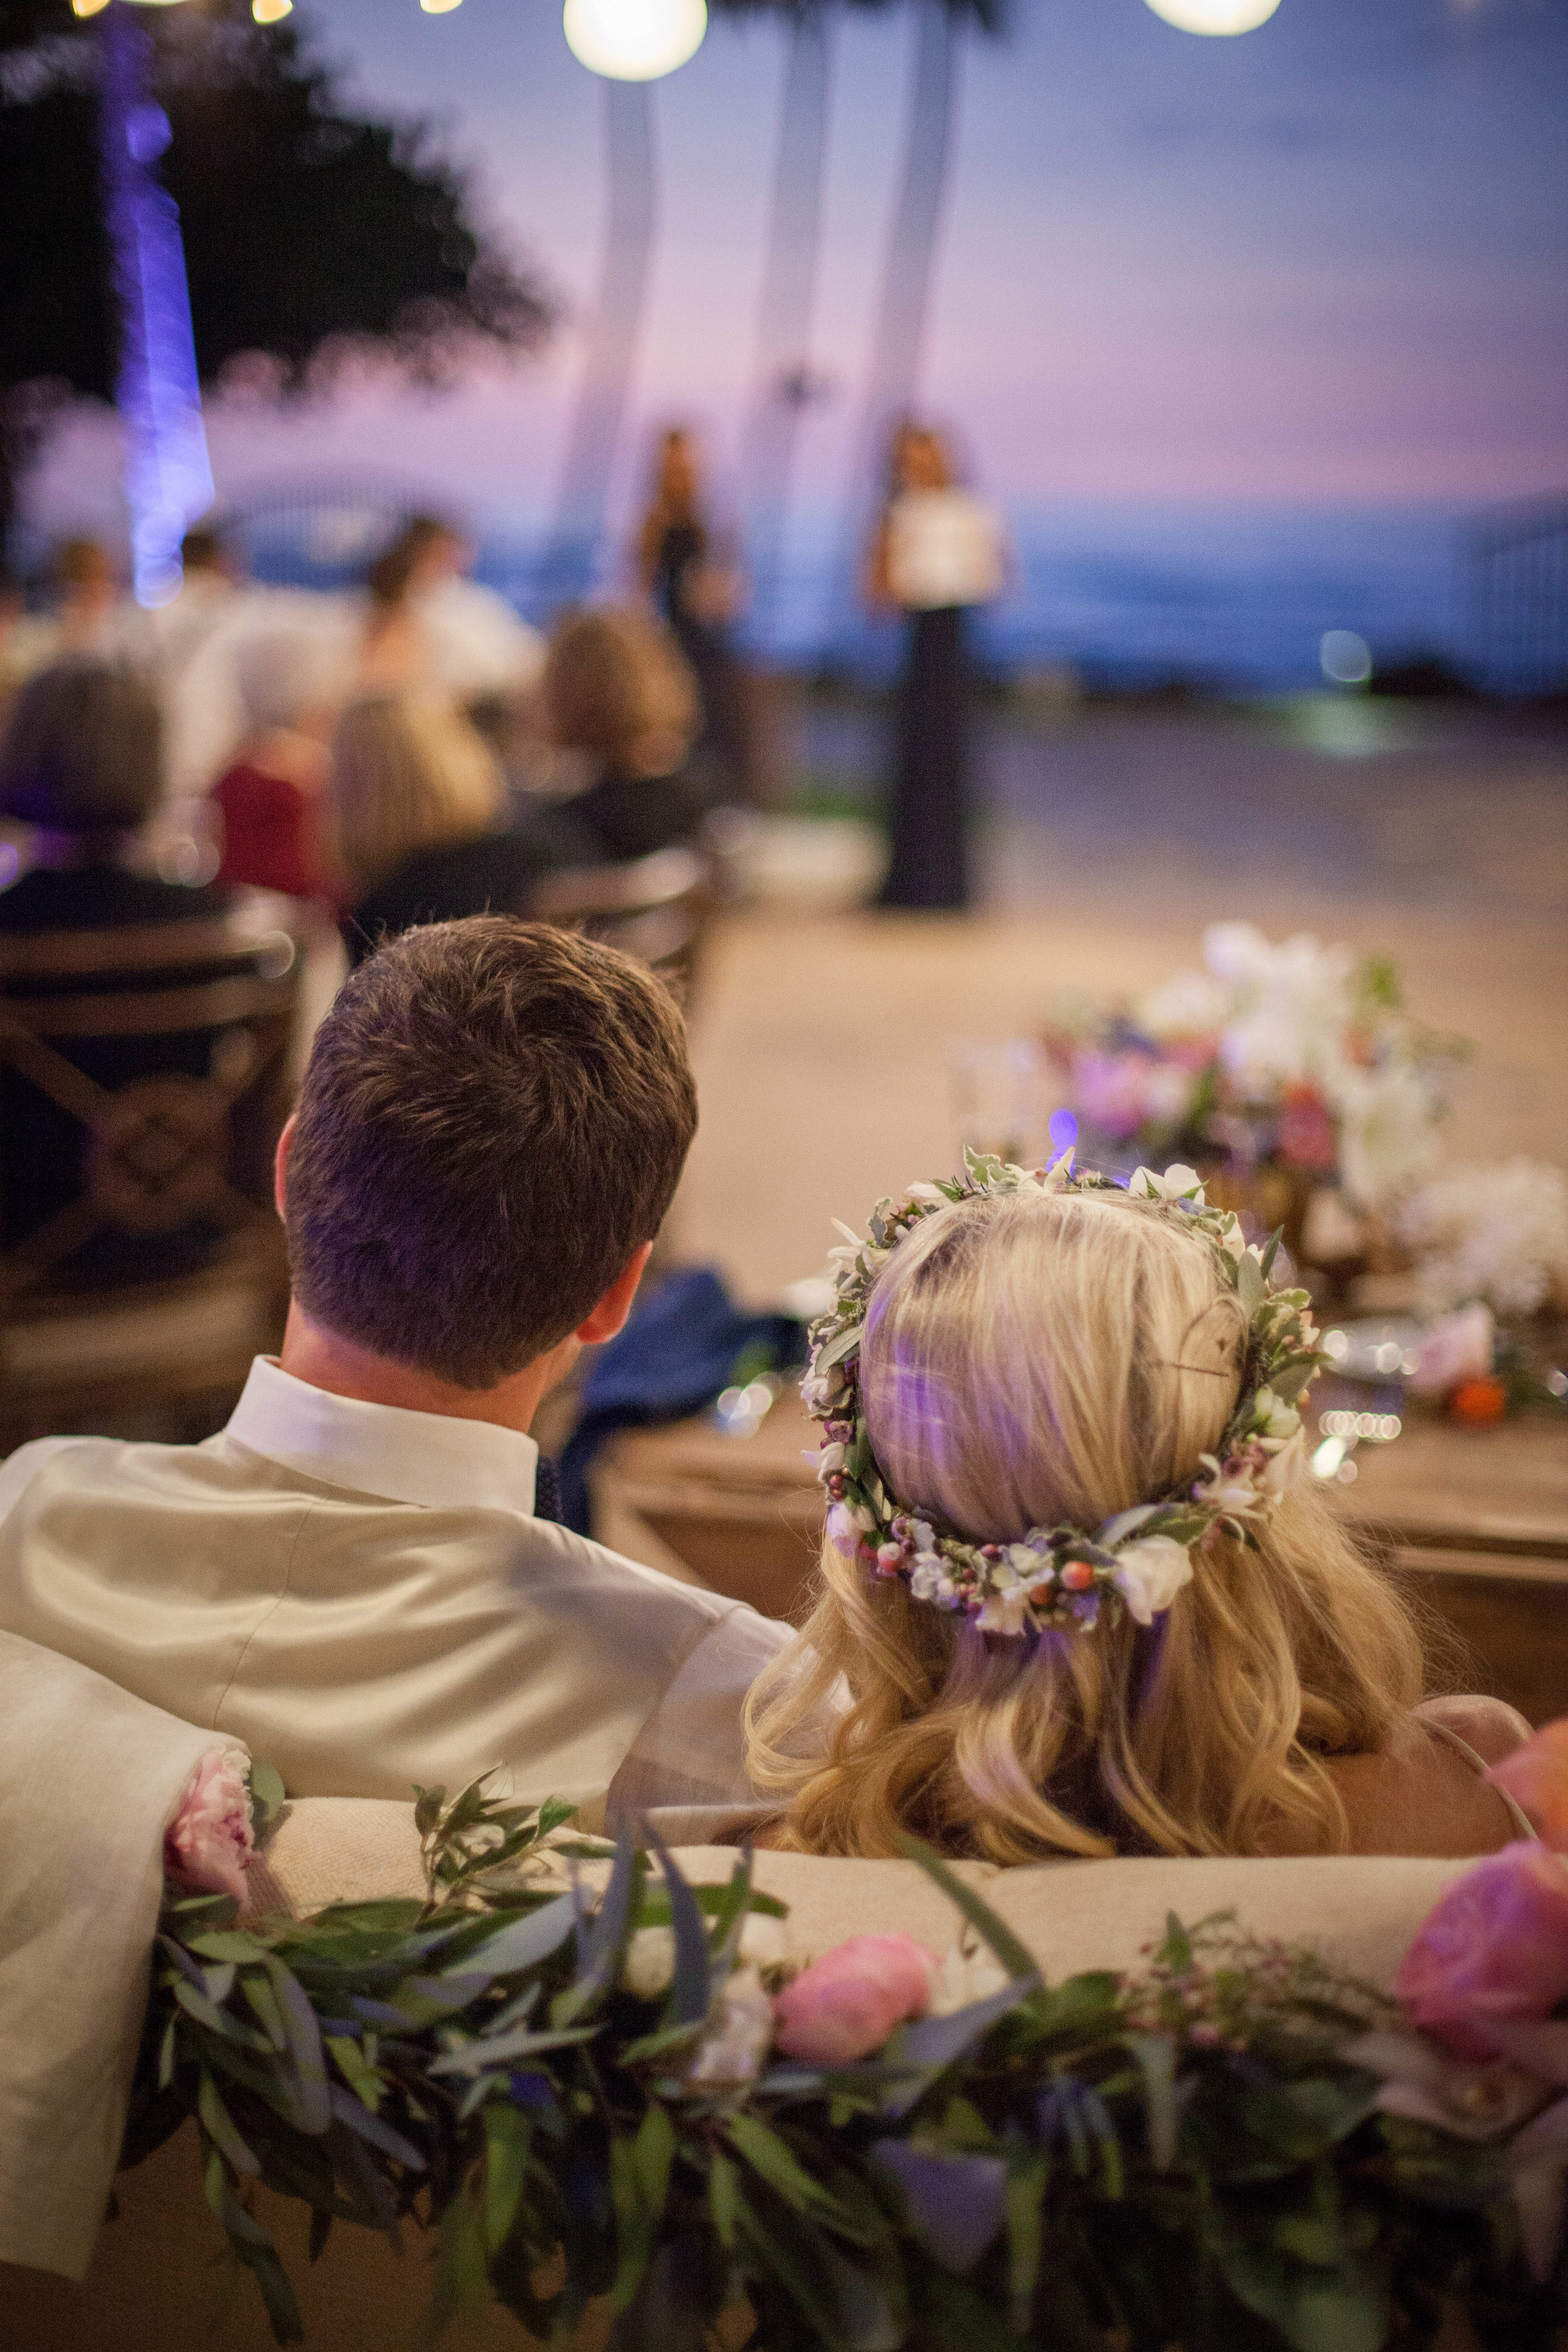 big island hawaii mauna lani resort wedding © kelilina photography 20160131183942-1.jpg